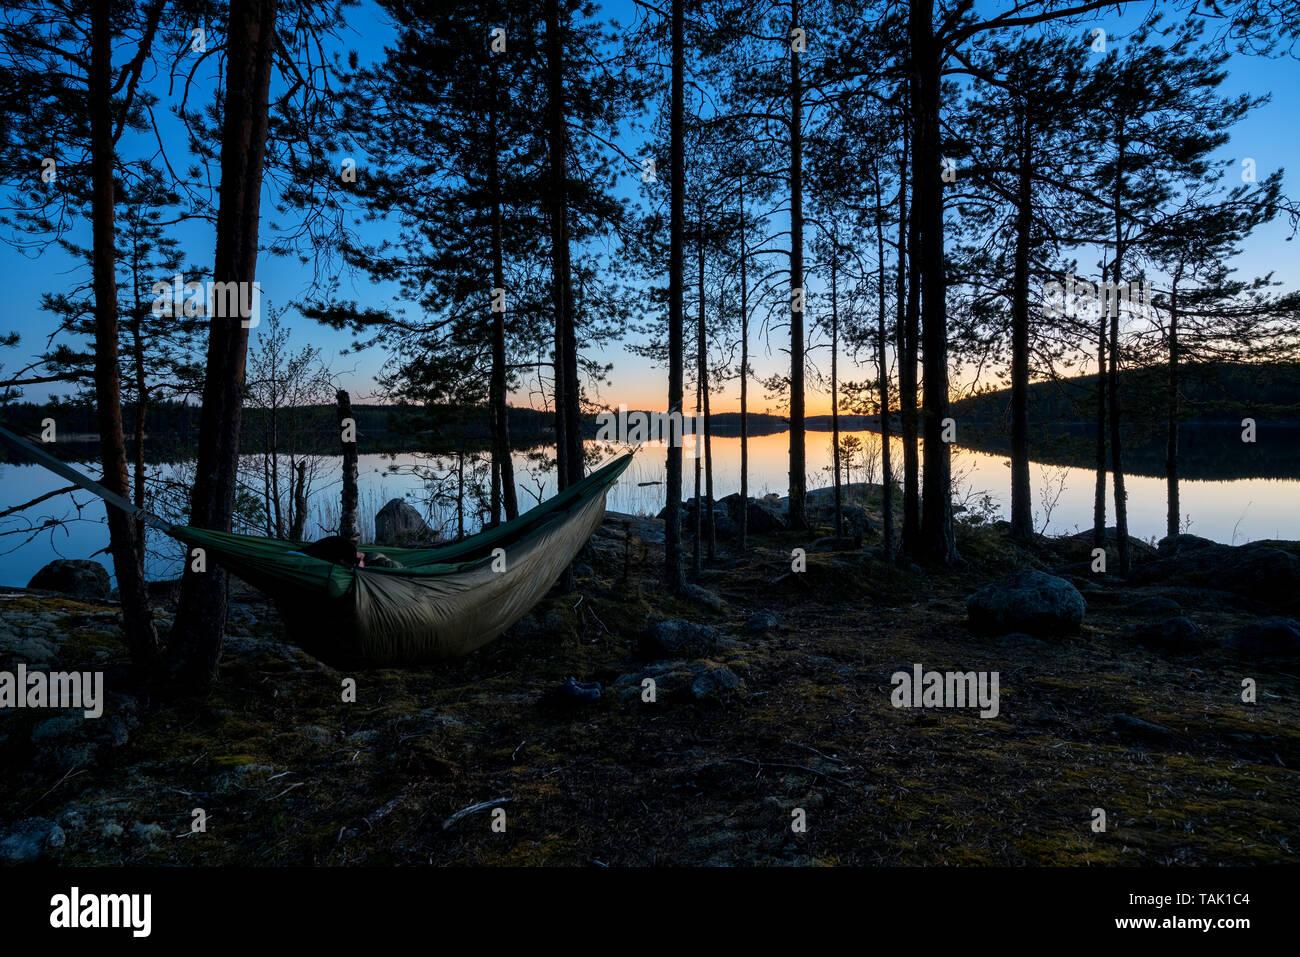 Hammock camping in Kolovesi national park, Enonkoski, Finland - Stock Image